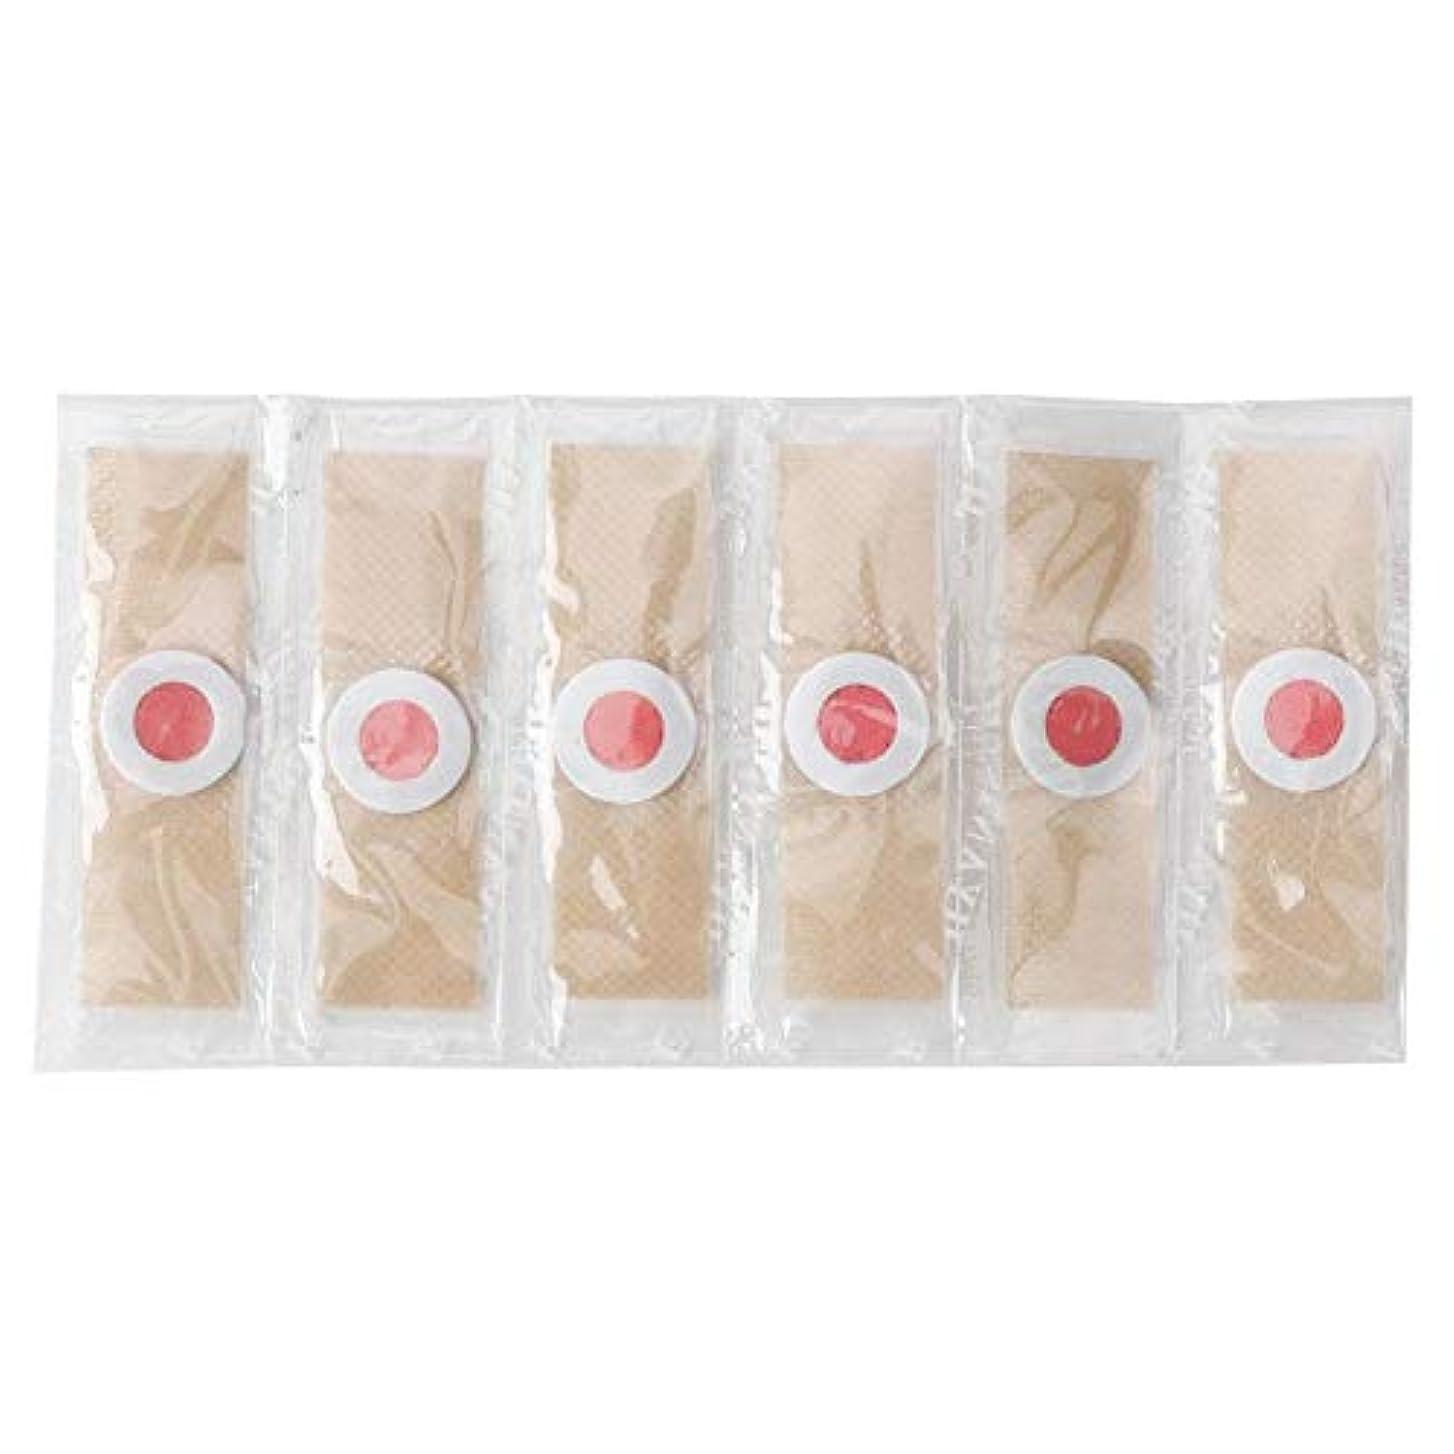 ラメ部概念トウモロコシ除去剤、足カルス除去石膏クッション用ソフト肌の皮保護つま先ケア痛み6個/箱